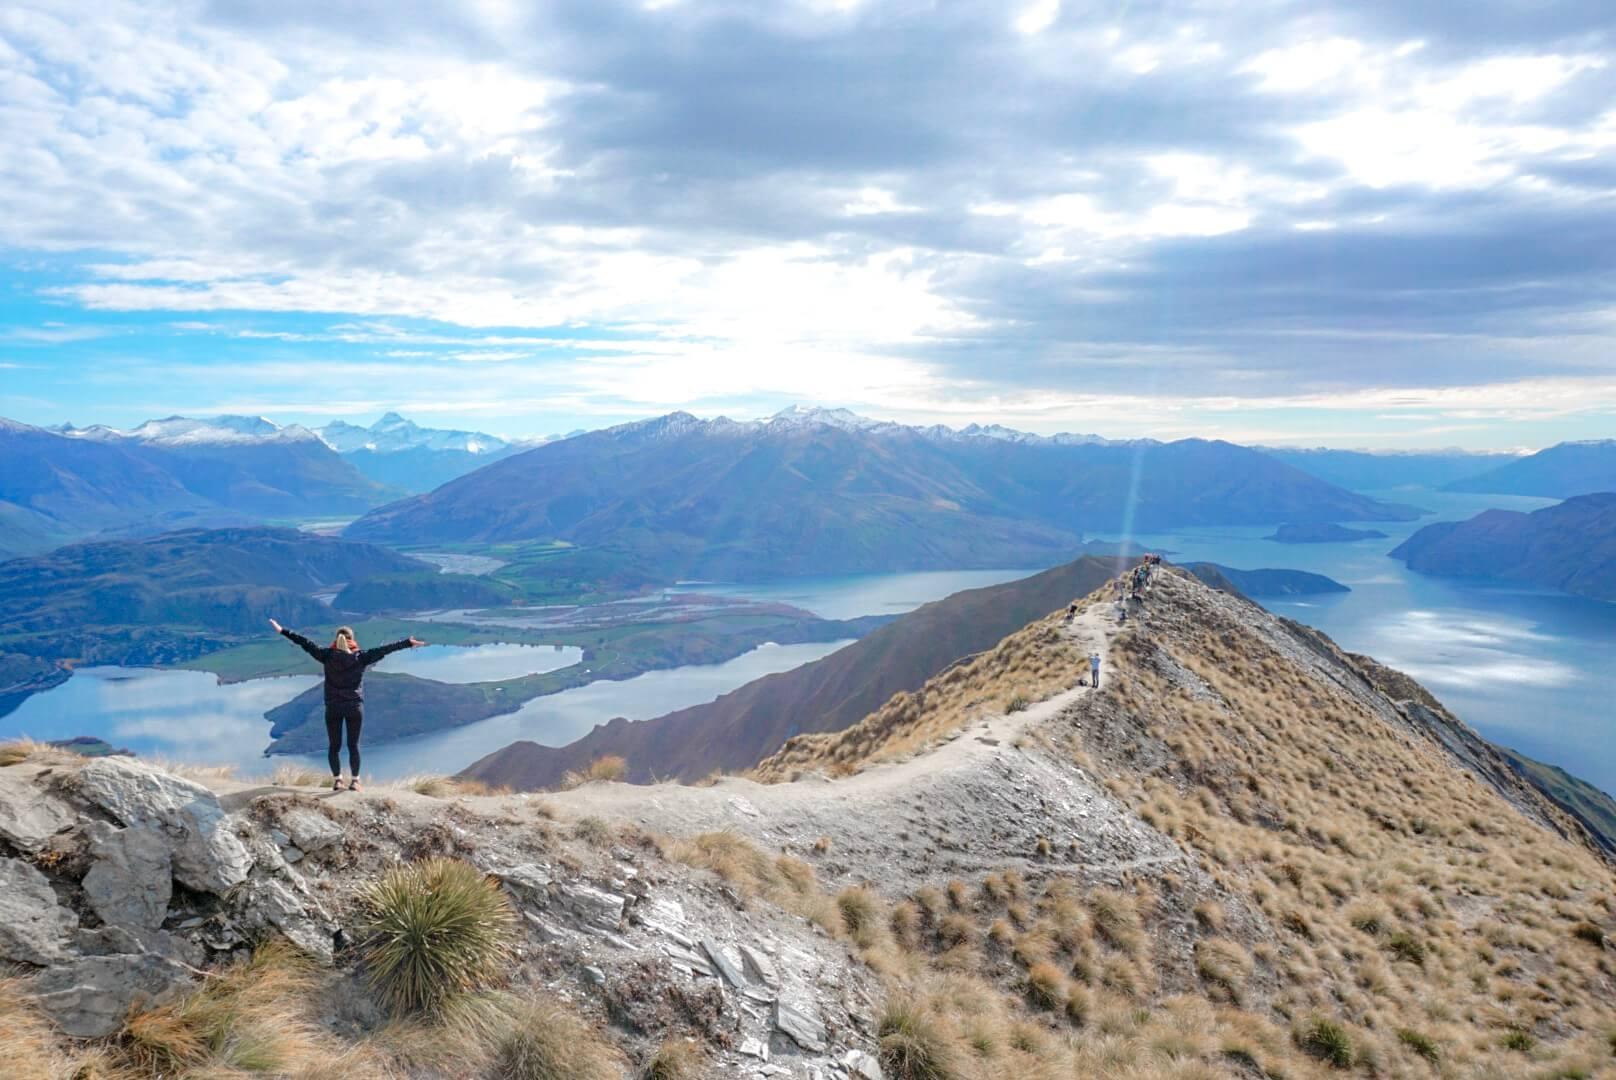 sentier et vue roys peak lac nouvelle zelande